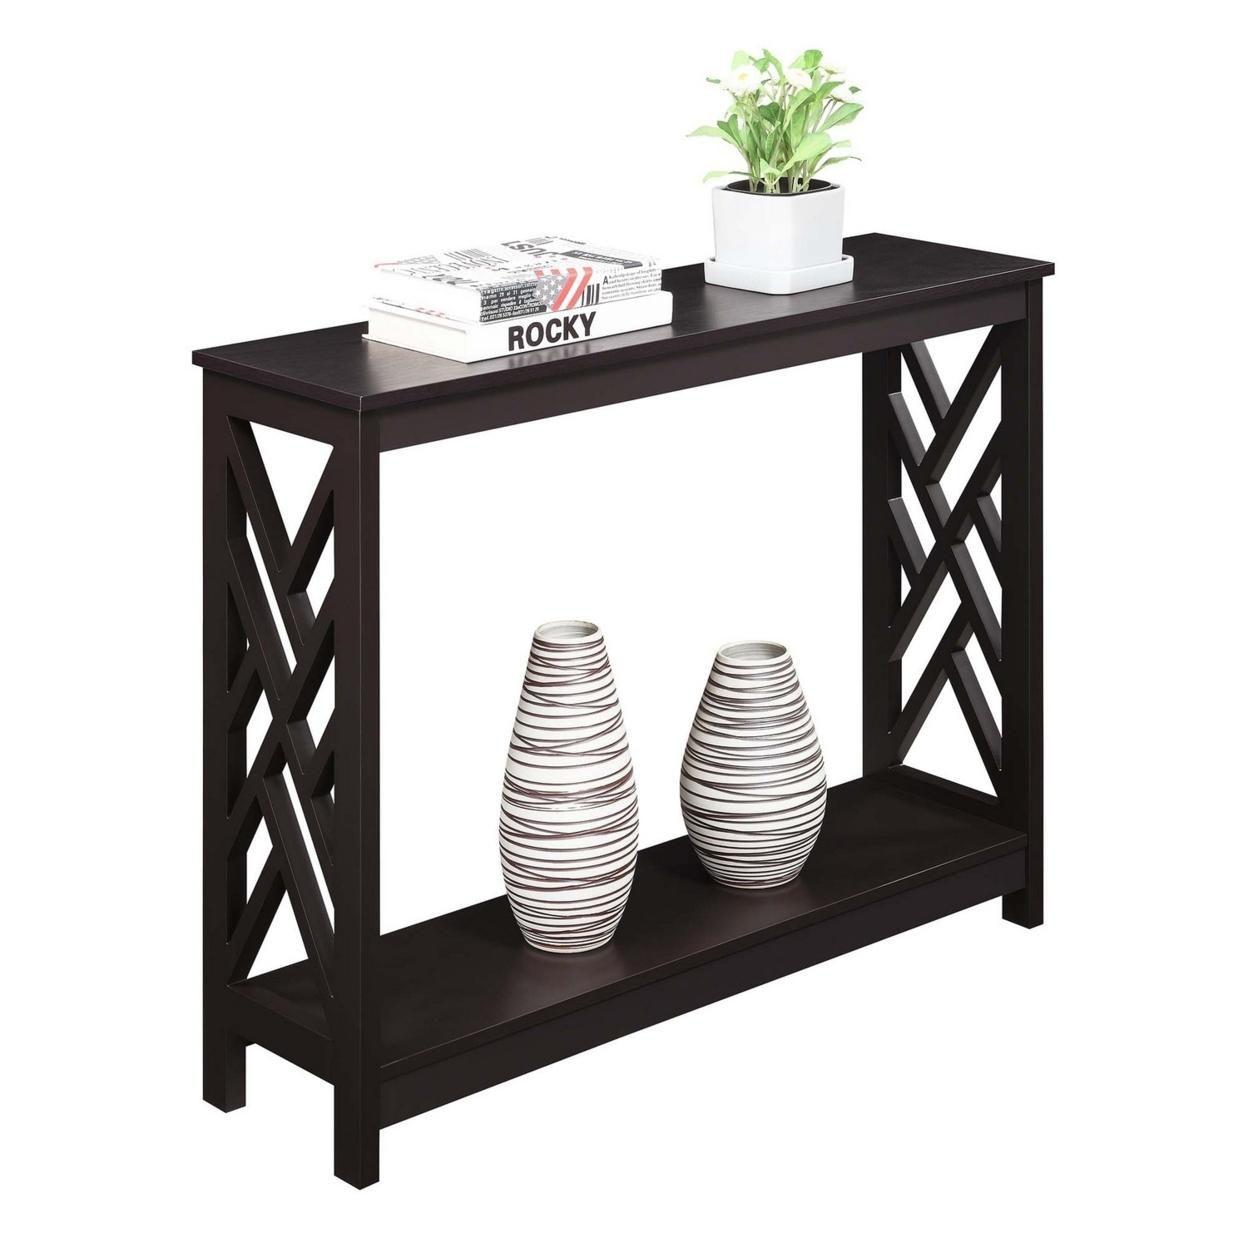 Titan Console Table with Shelf, Espresso